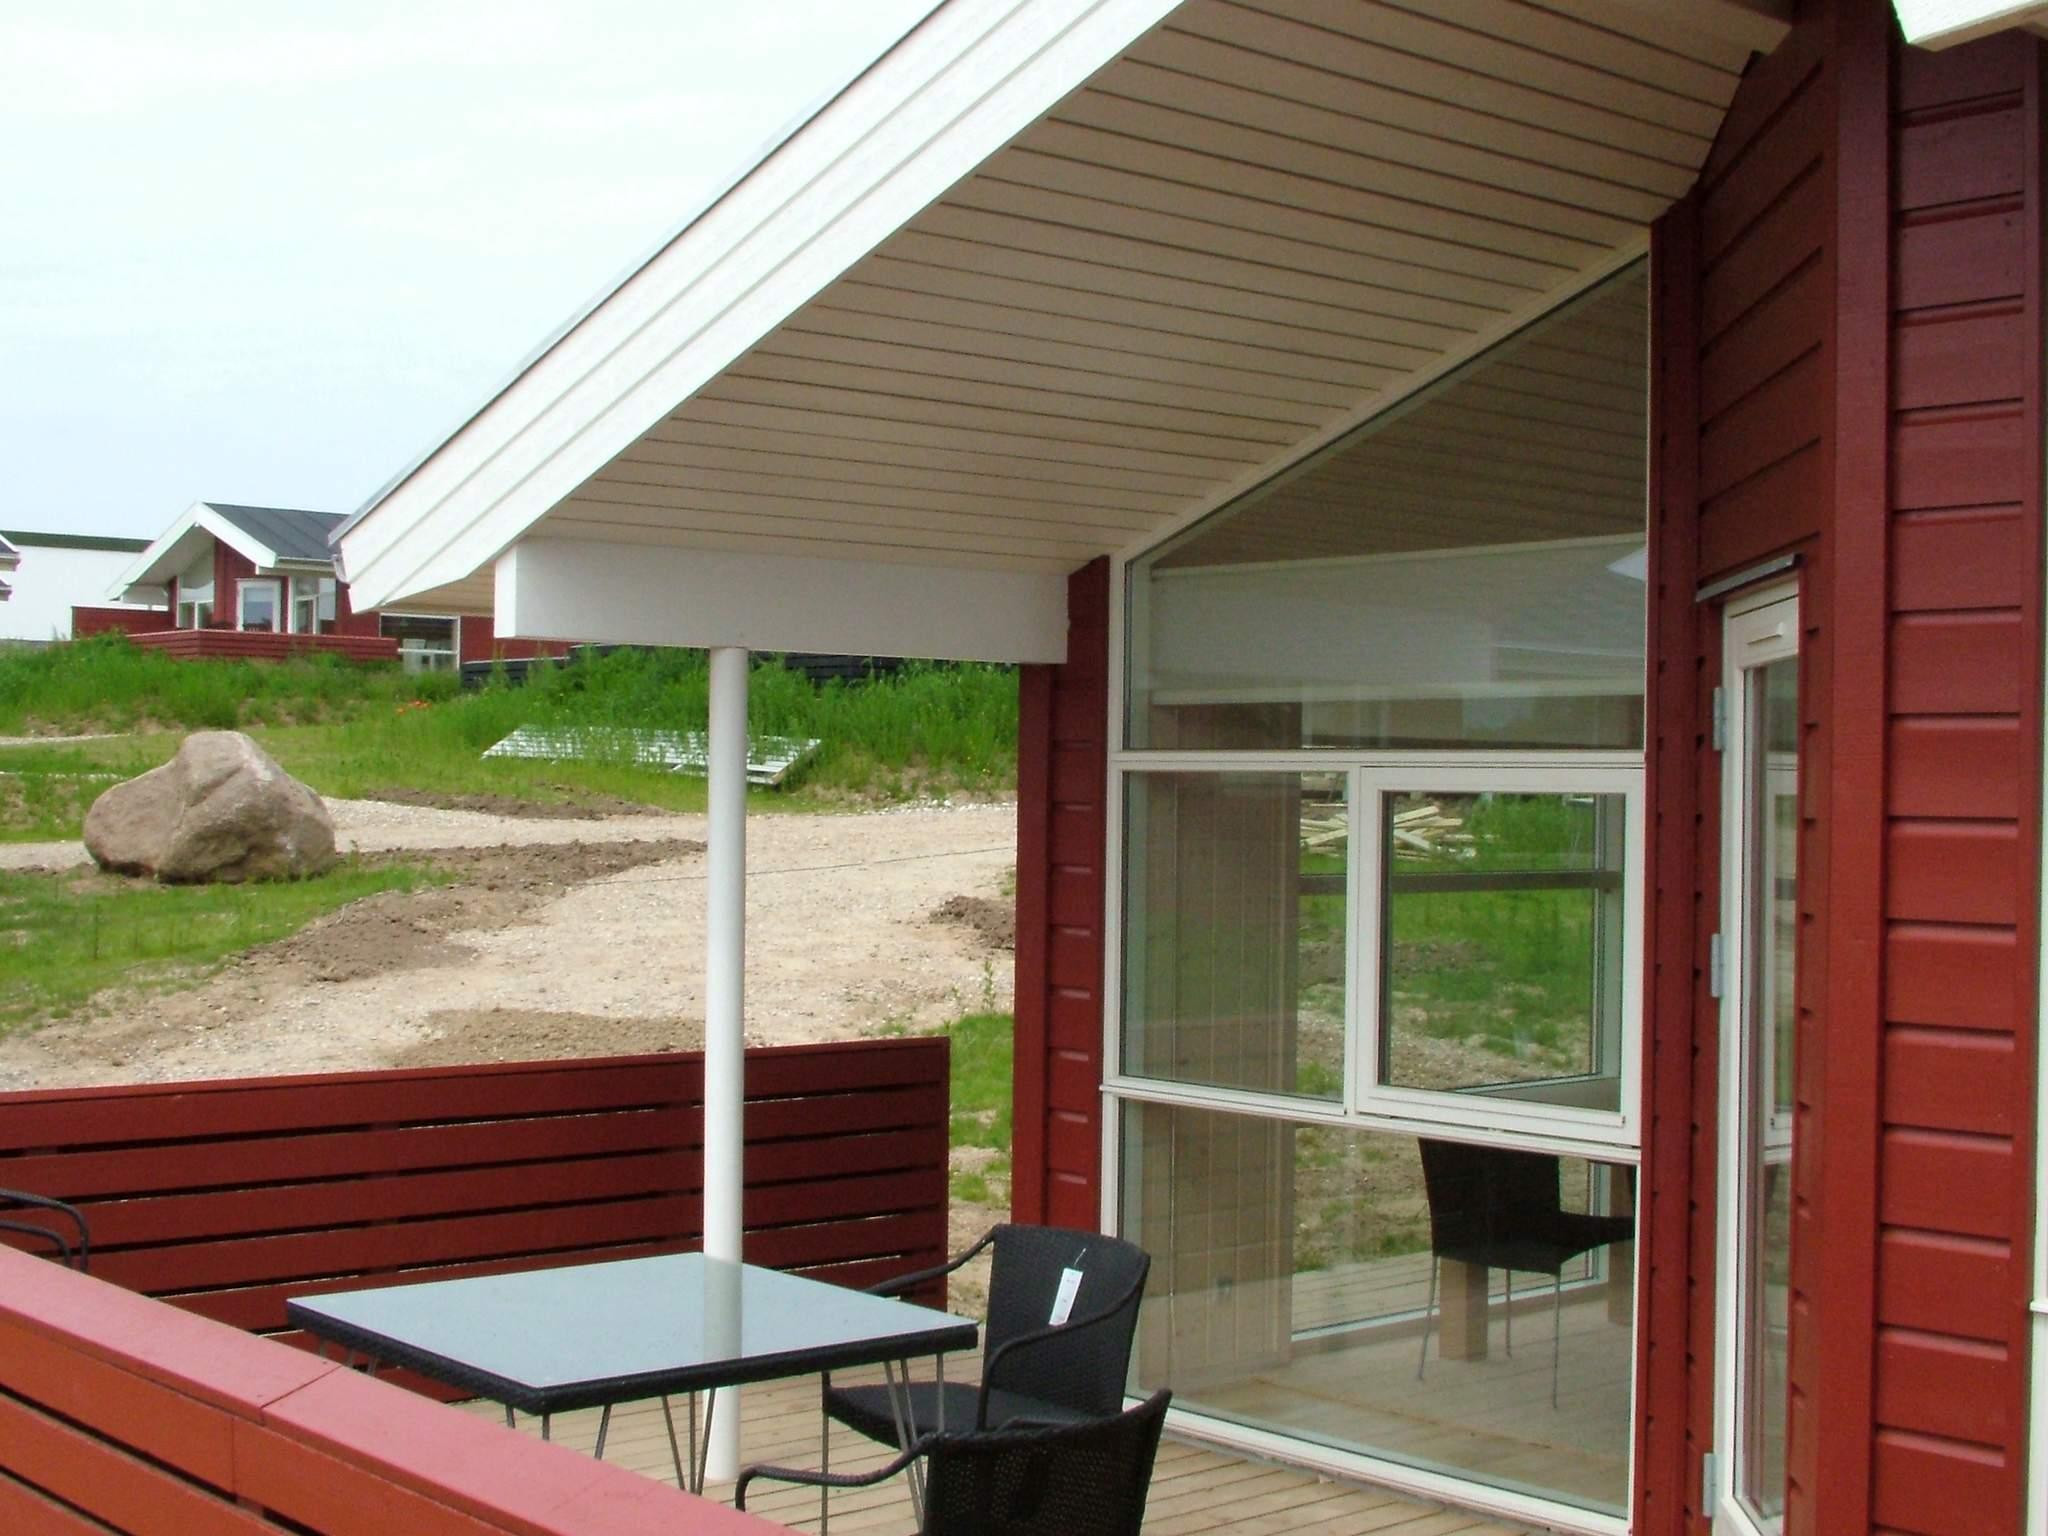 Ferienhaus Dageløkke (235475), Dageløkke, , Langeland, Dänemark, Bild 1